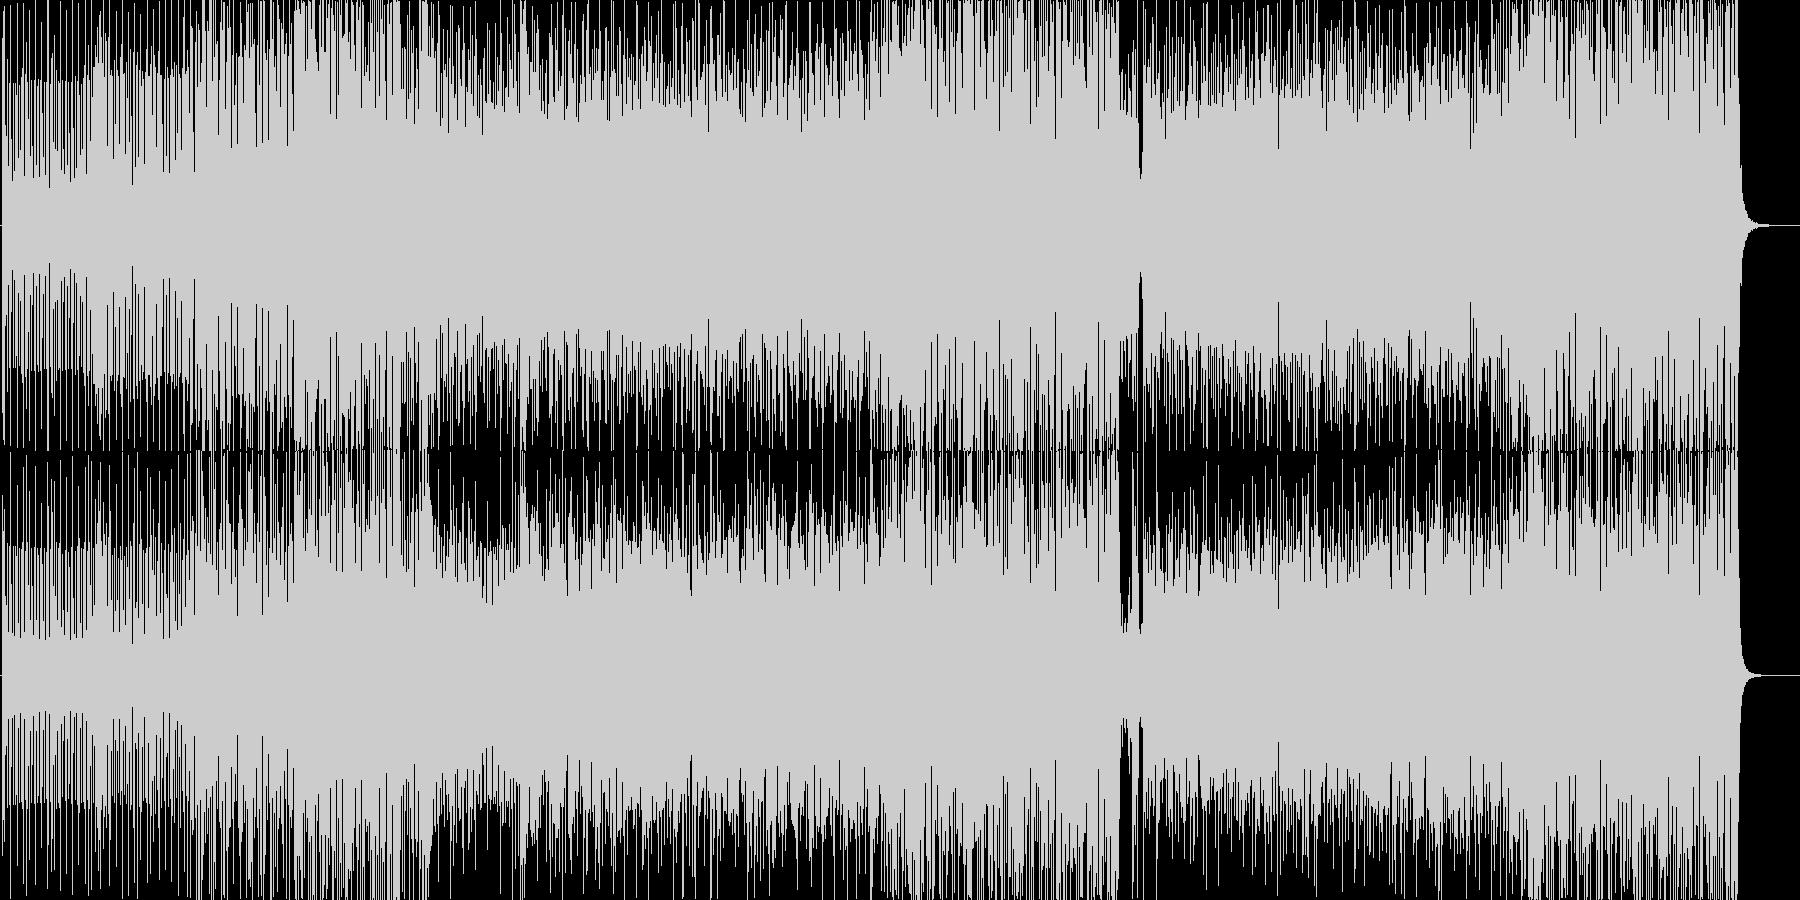 ピアノの旋律に哀愁漂うジャズサンバの未再生の波形